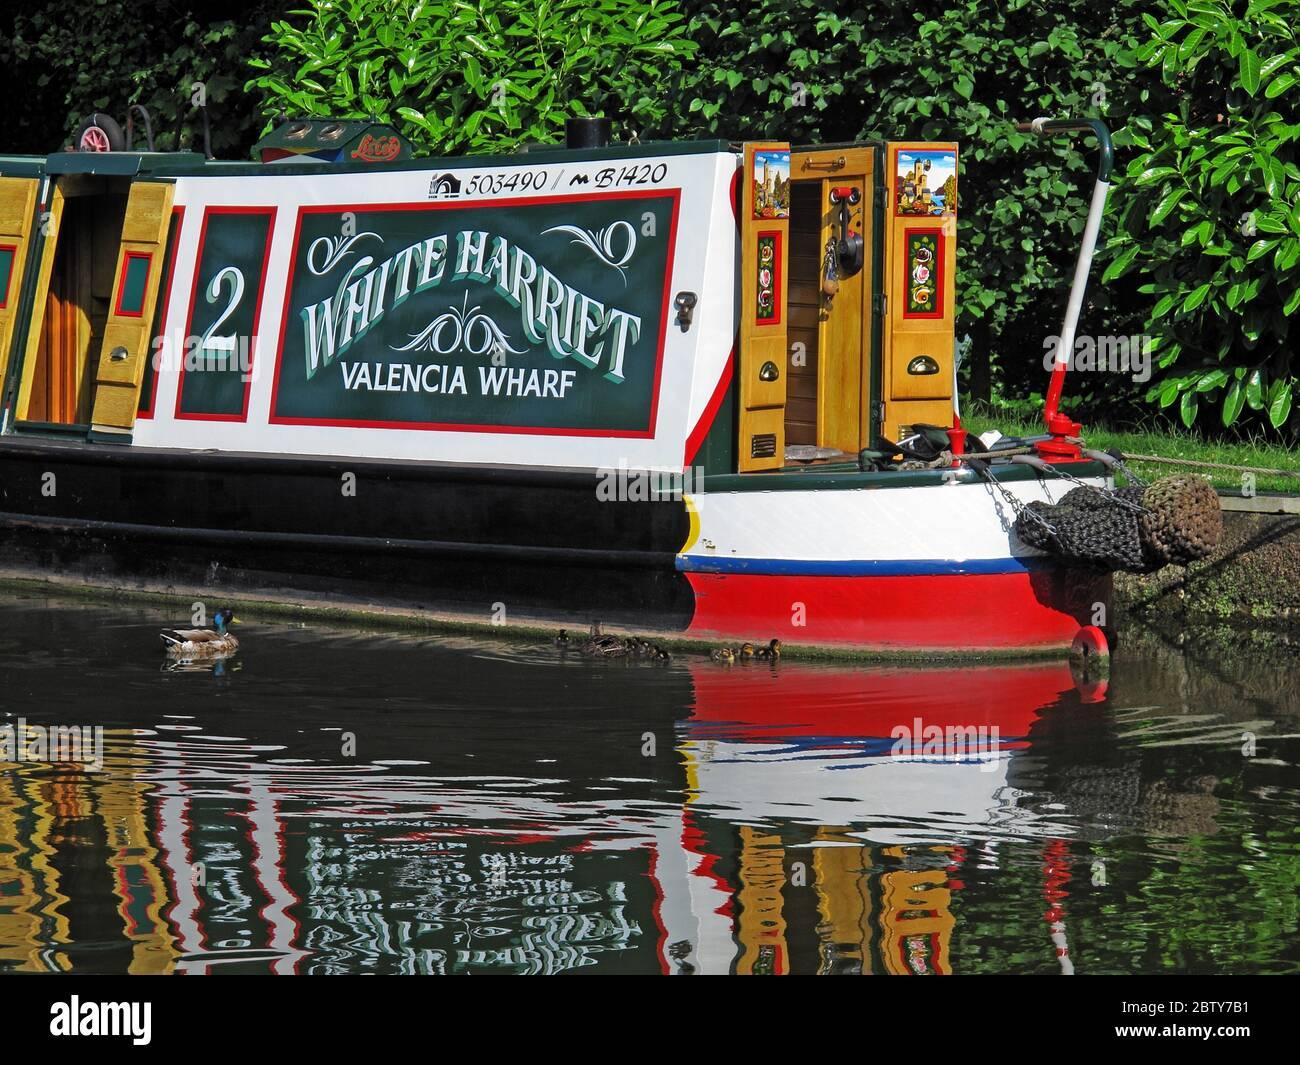 Dieses Stockfoto: 503490 ,B1420 White Harriet Valencia Wharf Narrowboot, Barge auf Kanal, Cheshire, England, Großbritannien, Reflexion - 2BTY7B